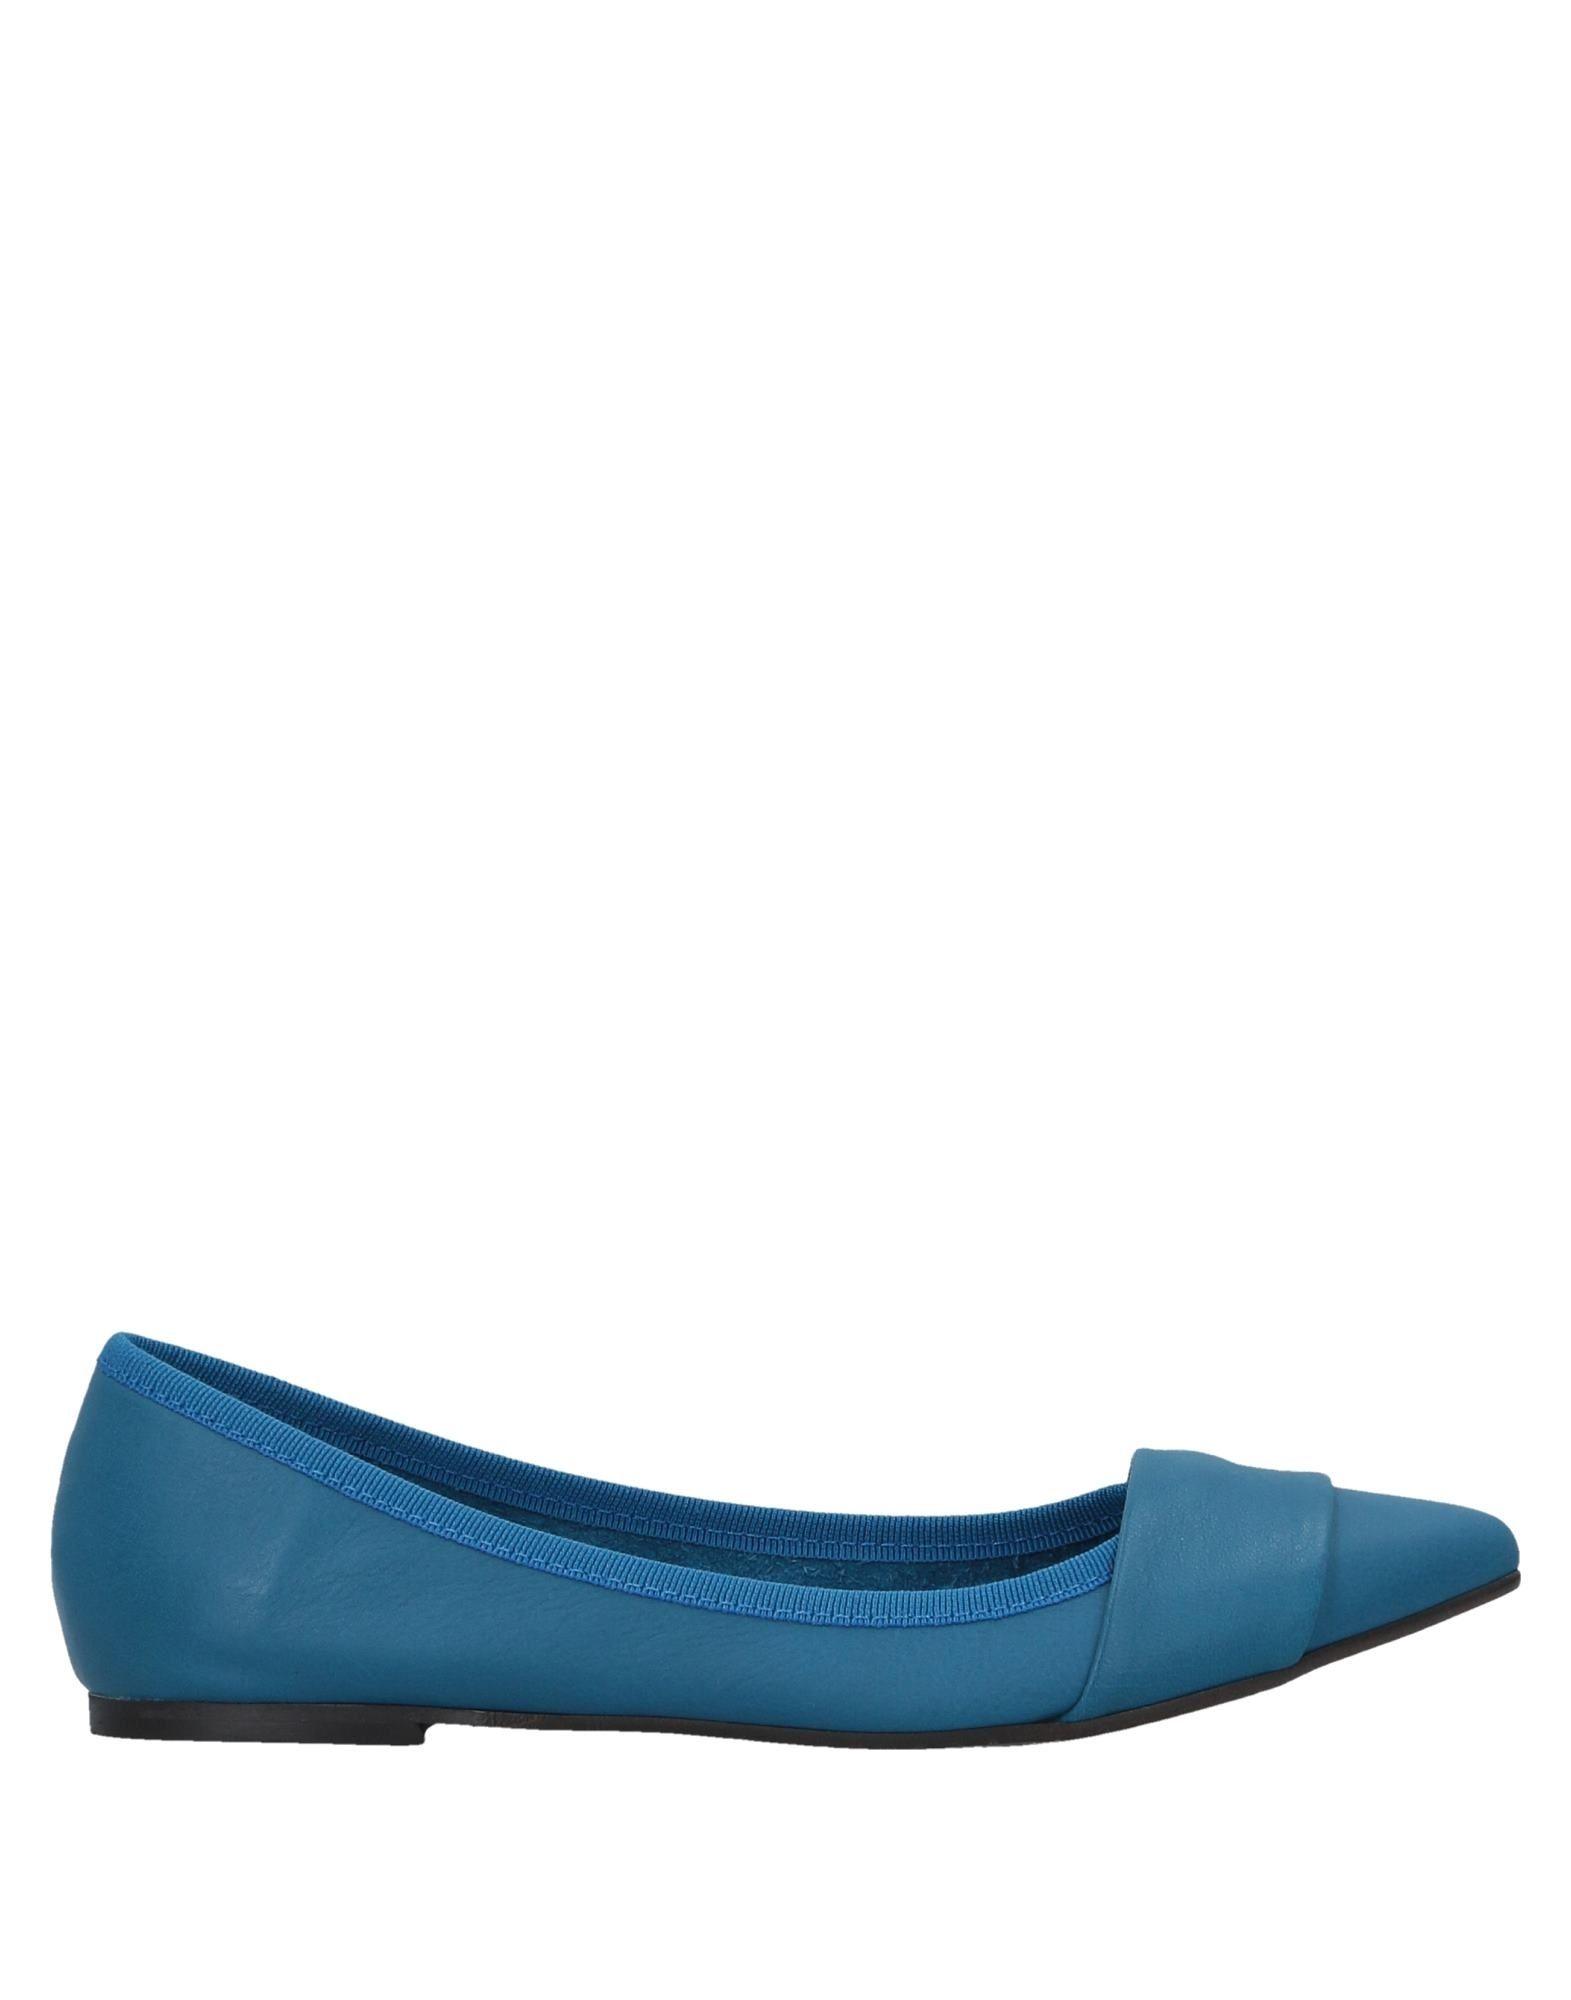 Ballerine Penelope Donna - 11529167OM Scarpe economiche e buone